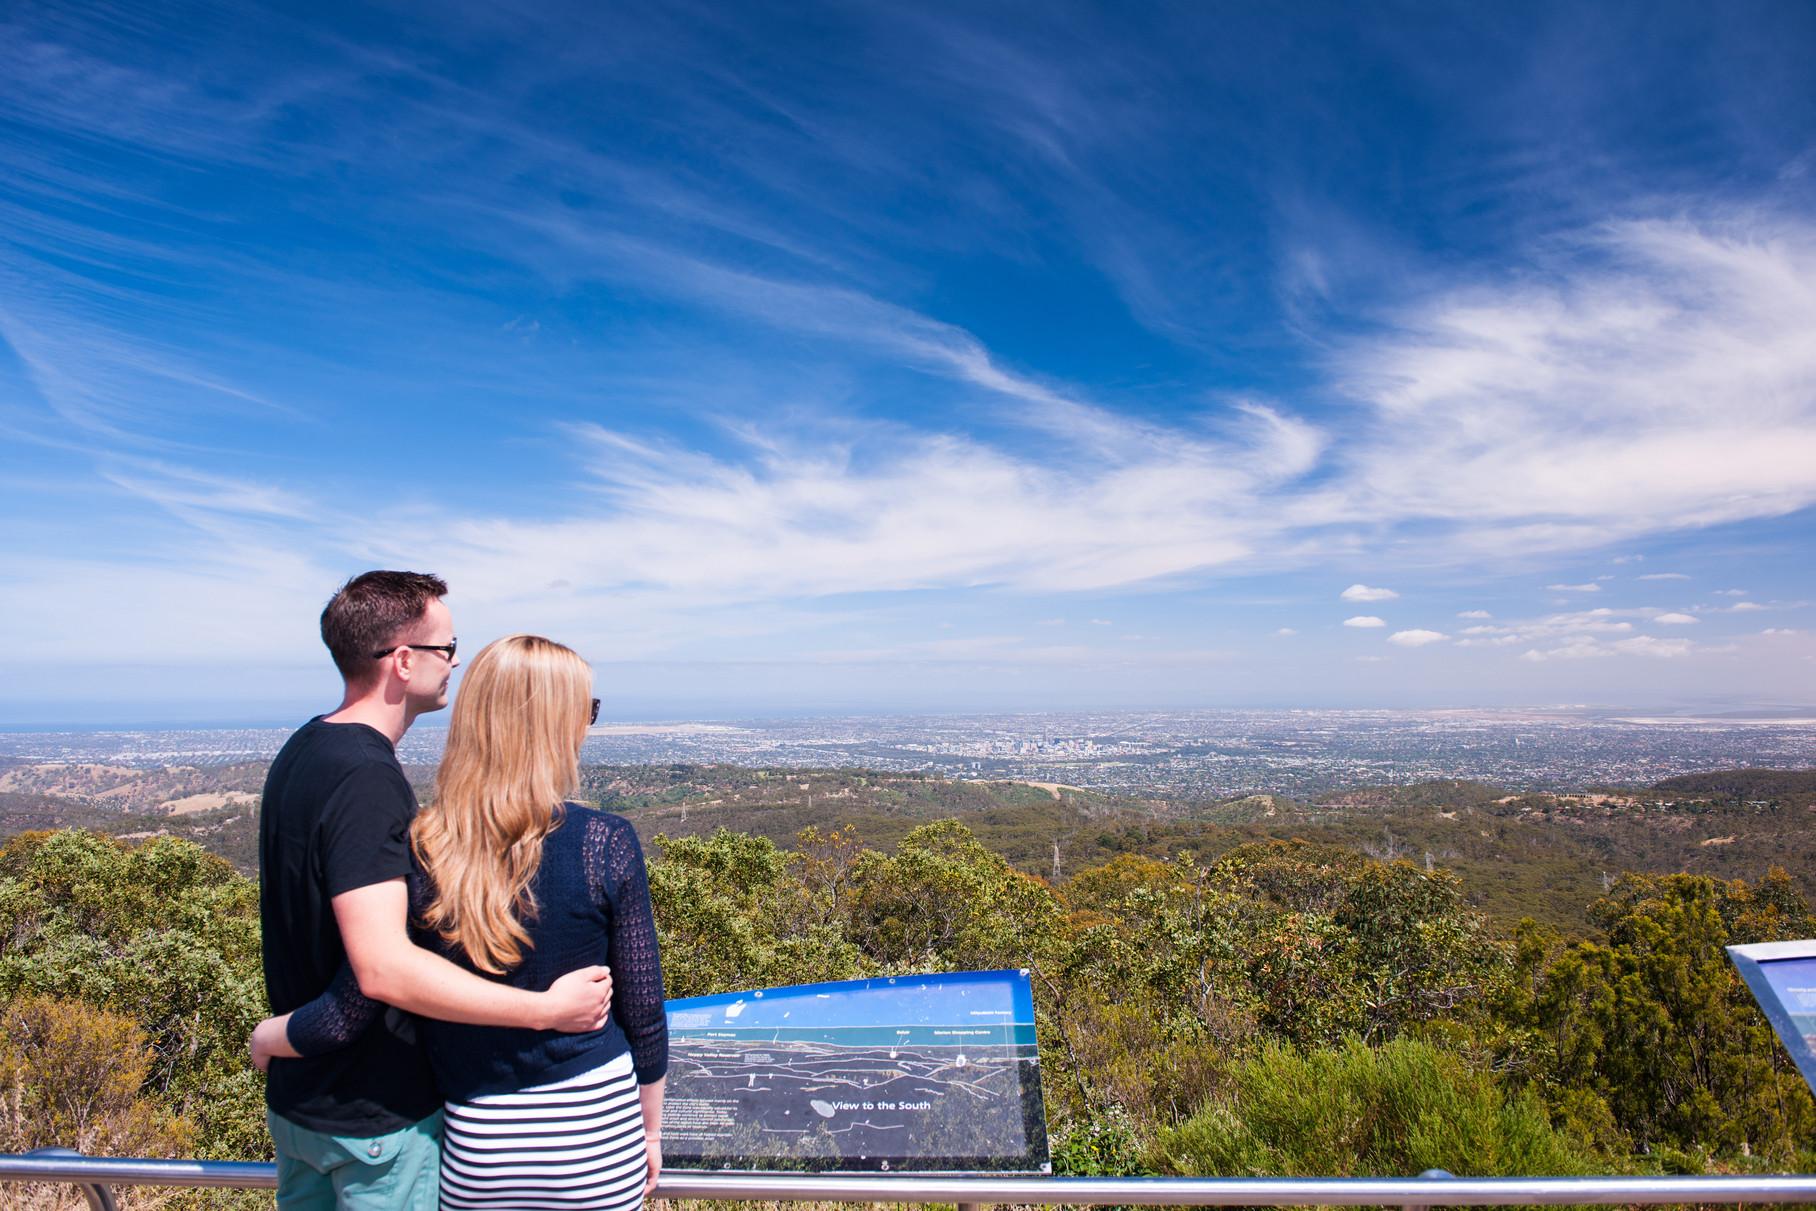 Mount Lofty Summit, Crafers, Adelaide Hills